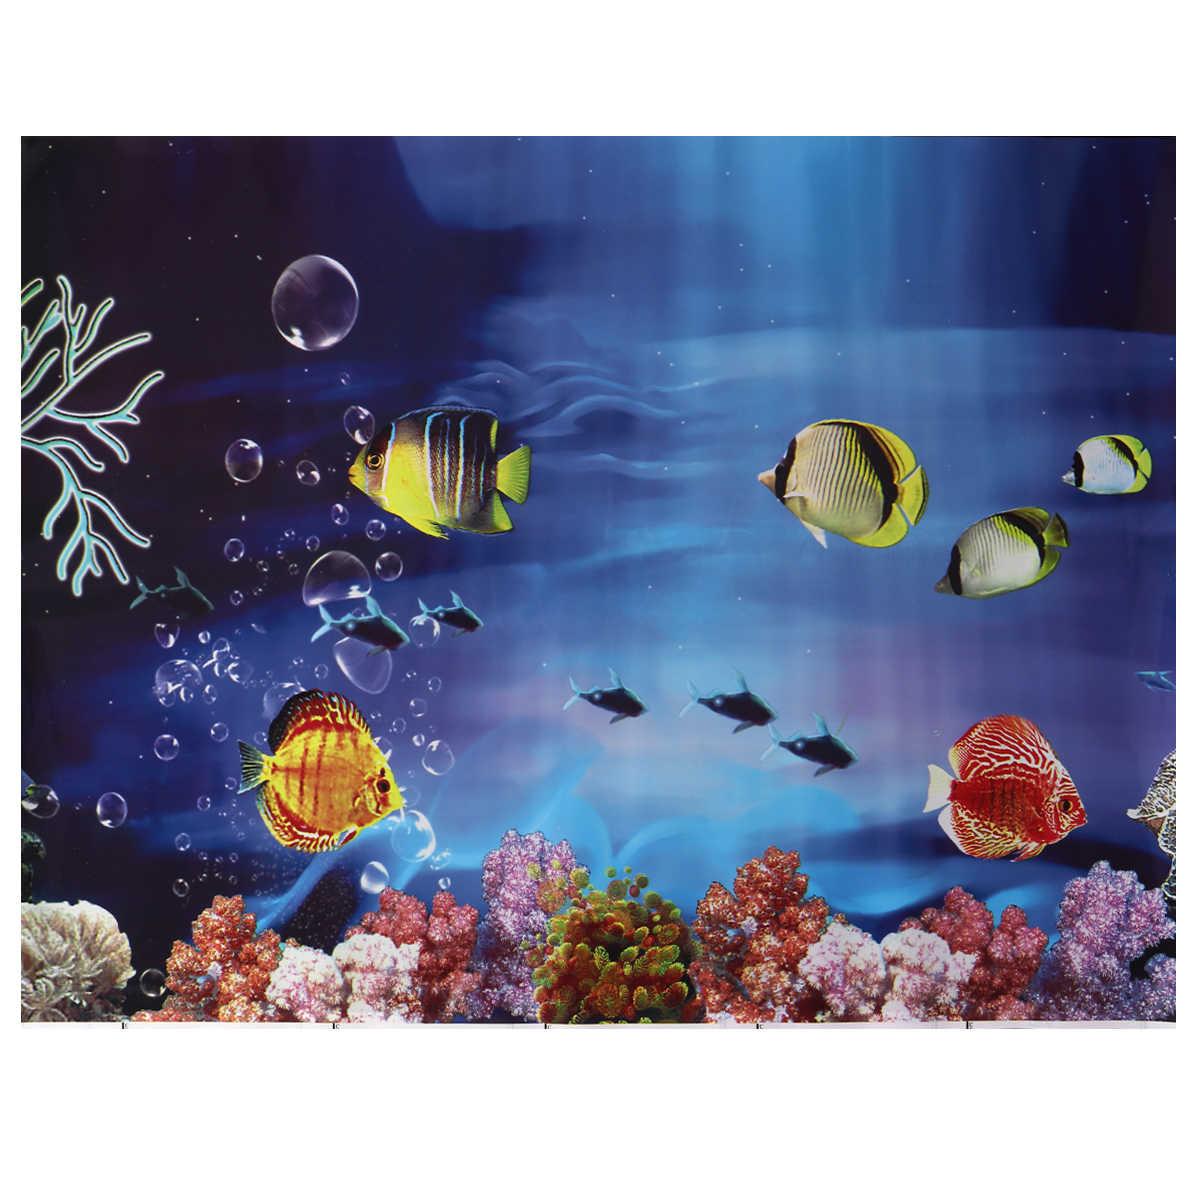 1PC 3D Aquarium Ikan Tangki Latar Belakang Stiker Perekat Wallpaper Tangki Ikan Dekorasi Gambar Bawah Air Latar Belakang Gambar Dekorasi